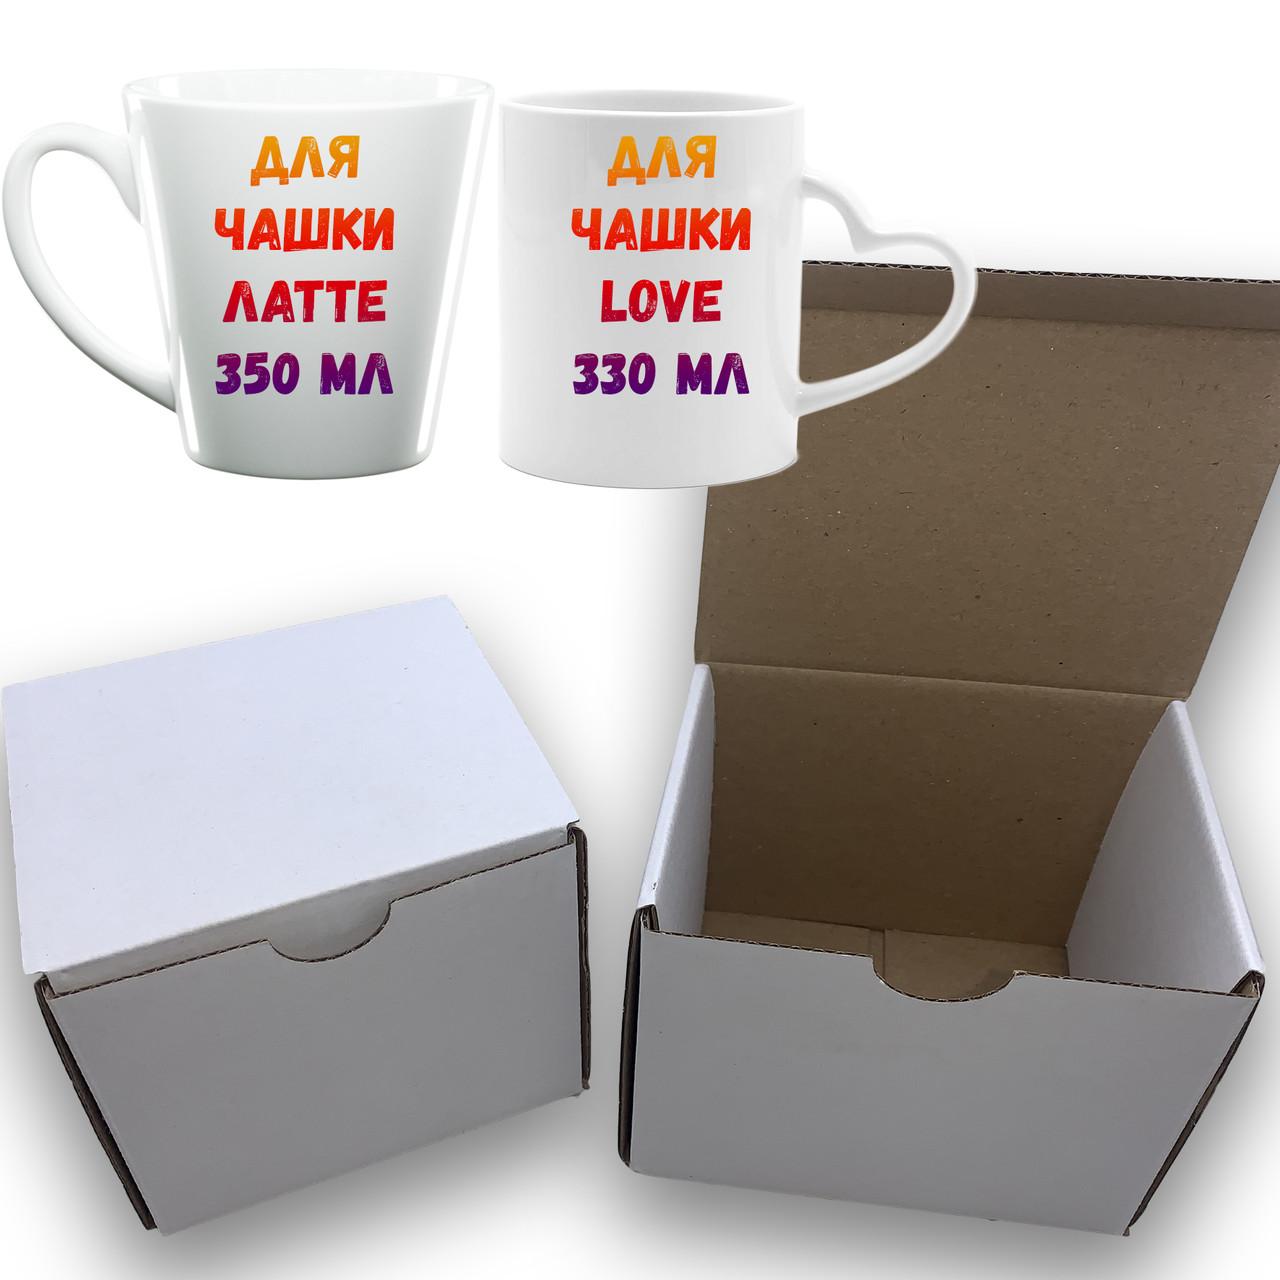 Упаковка біла з картону для чашок Love і Latte (NEW)